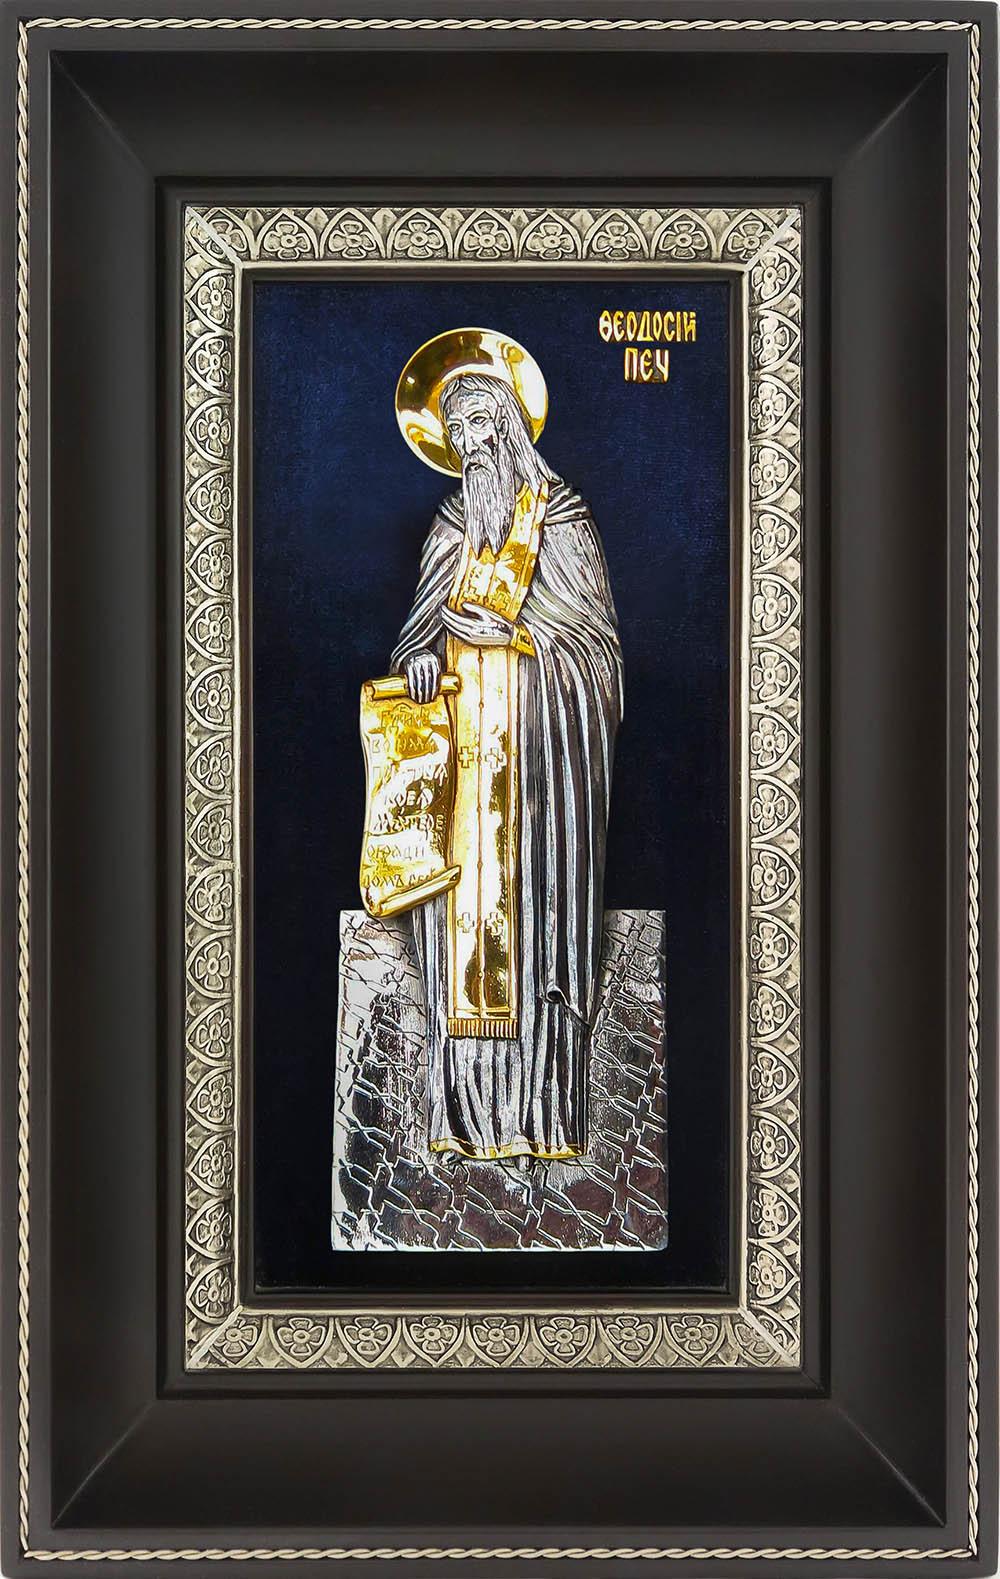 фото икона святого Феодосия Печерского гальванопластика серебро золото деревянная рама